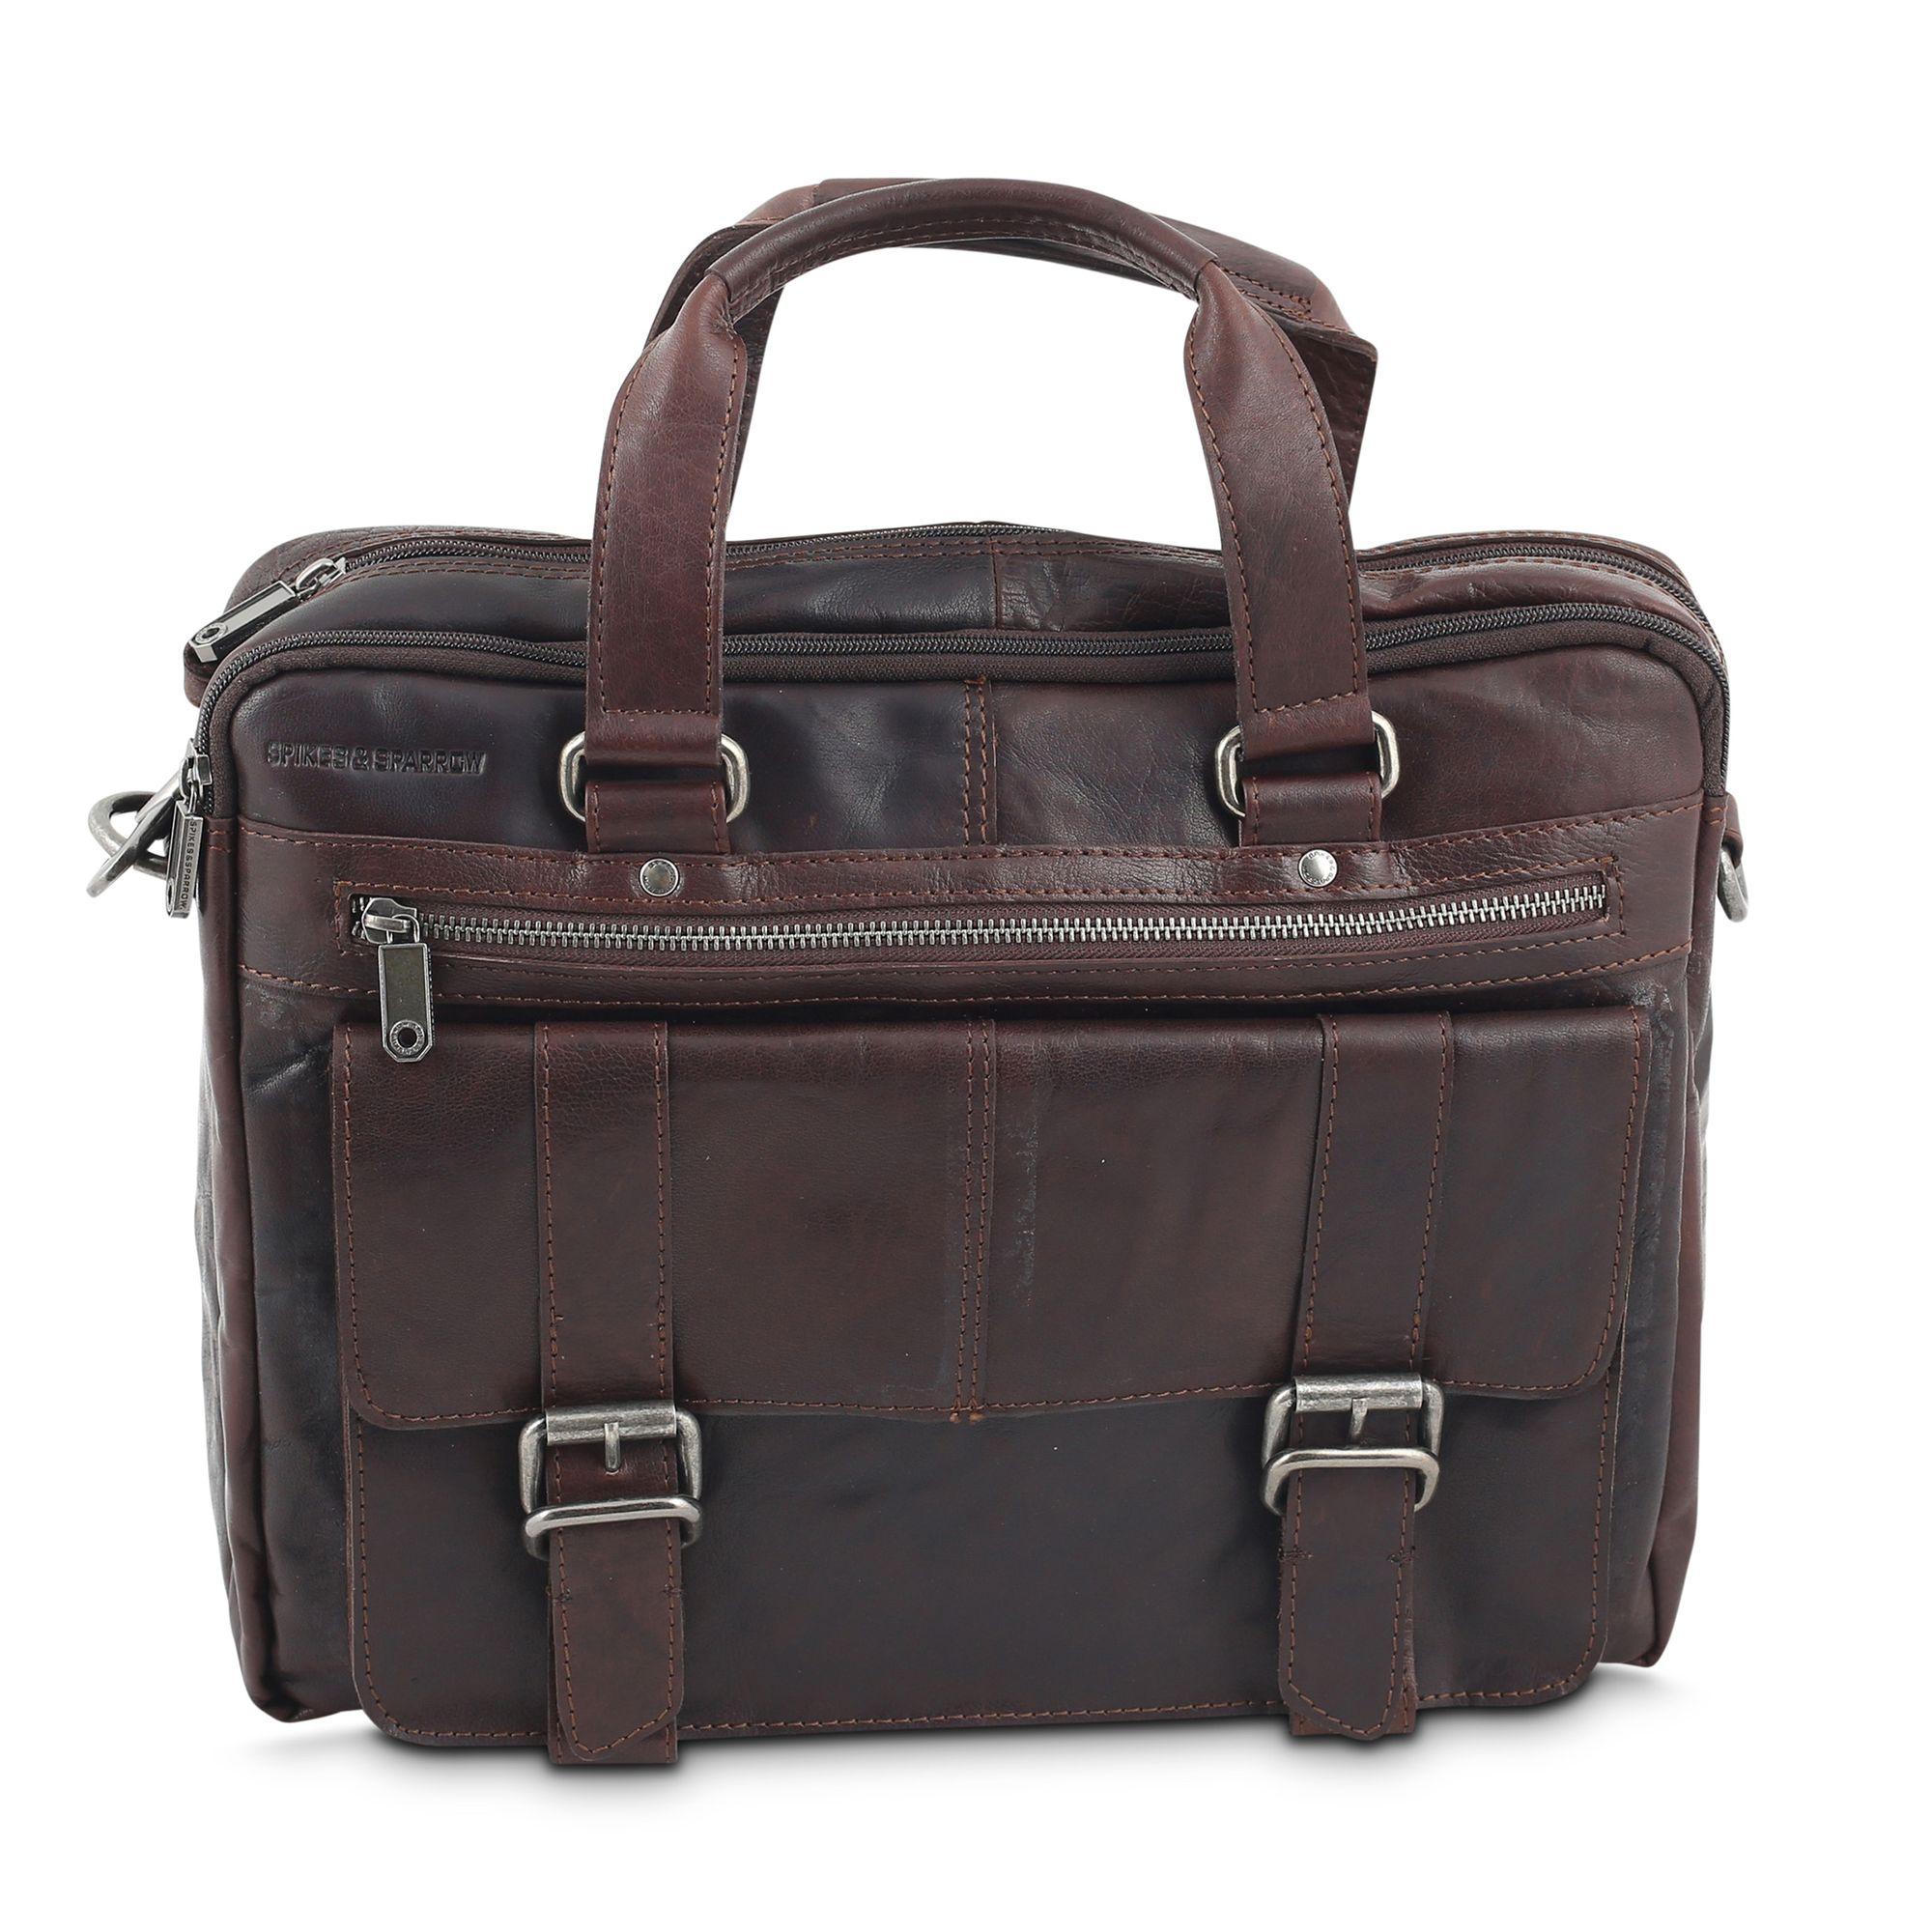 handla väskor online